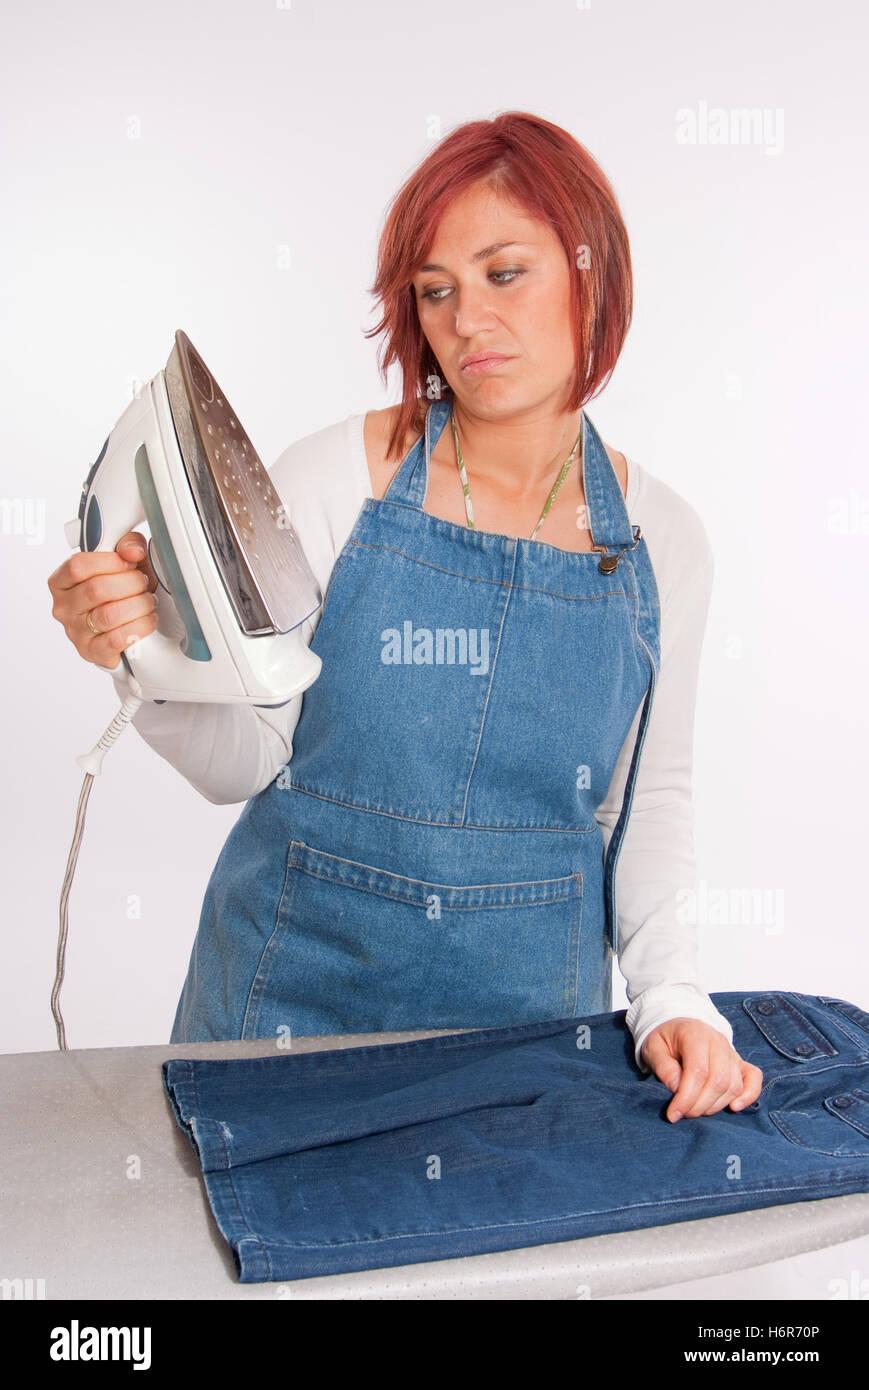 Kleid und jeans hose